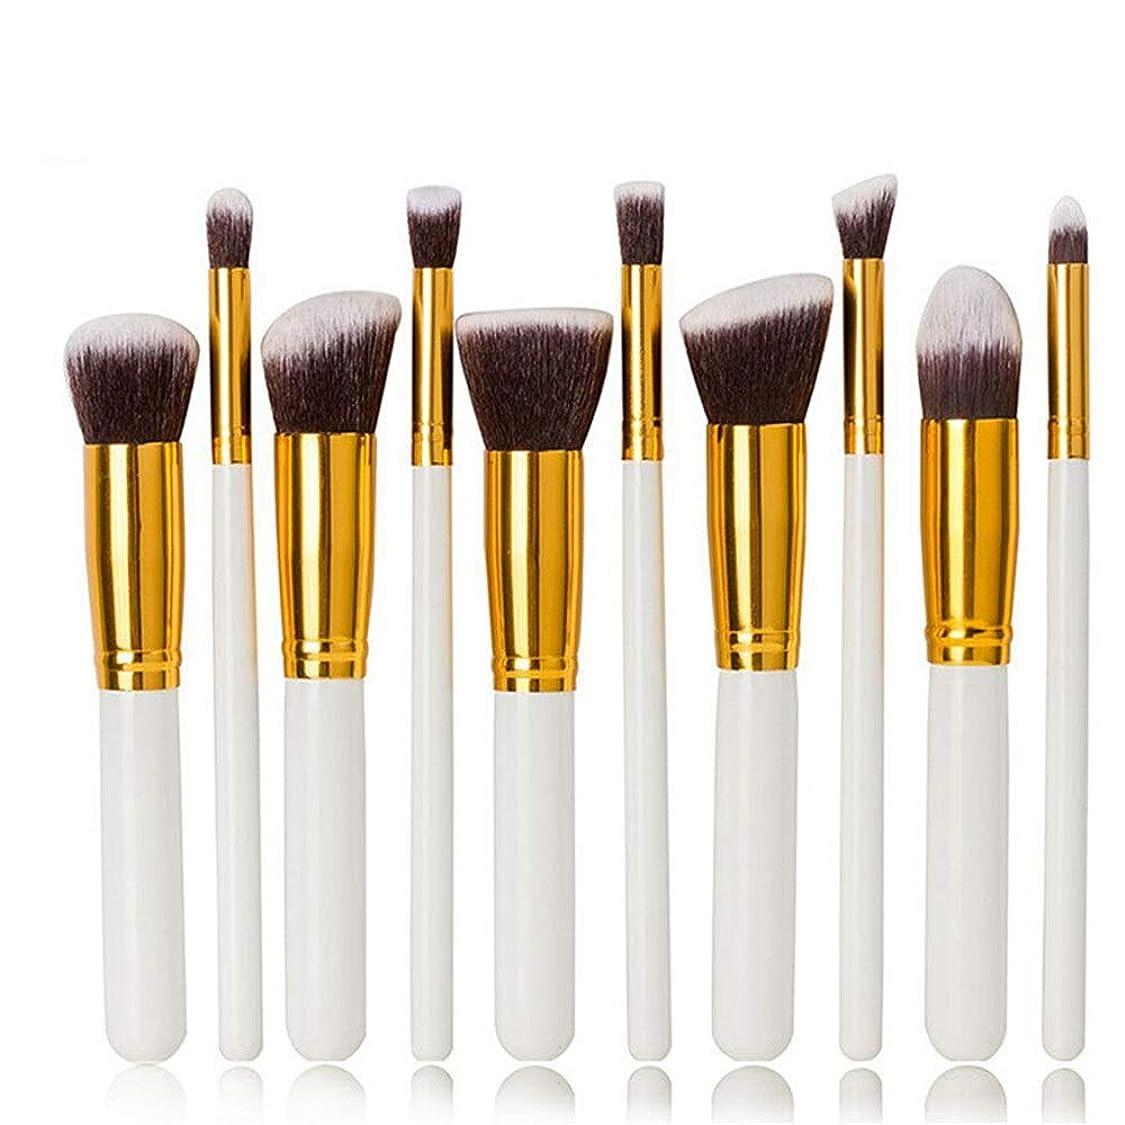 従順抑制するシャベルMakeup brushes 10ピースホワイトメイクブラシセット革新的なリベラルパウダーブラシアイシャドウブラシコンターブラシ suits (Color : White)